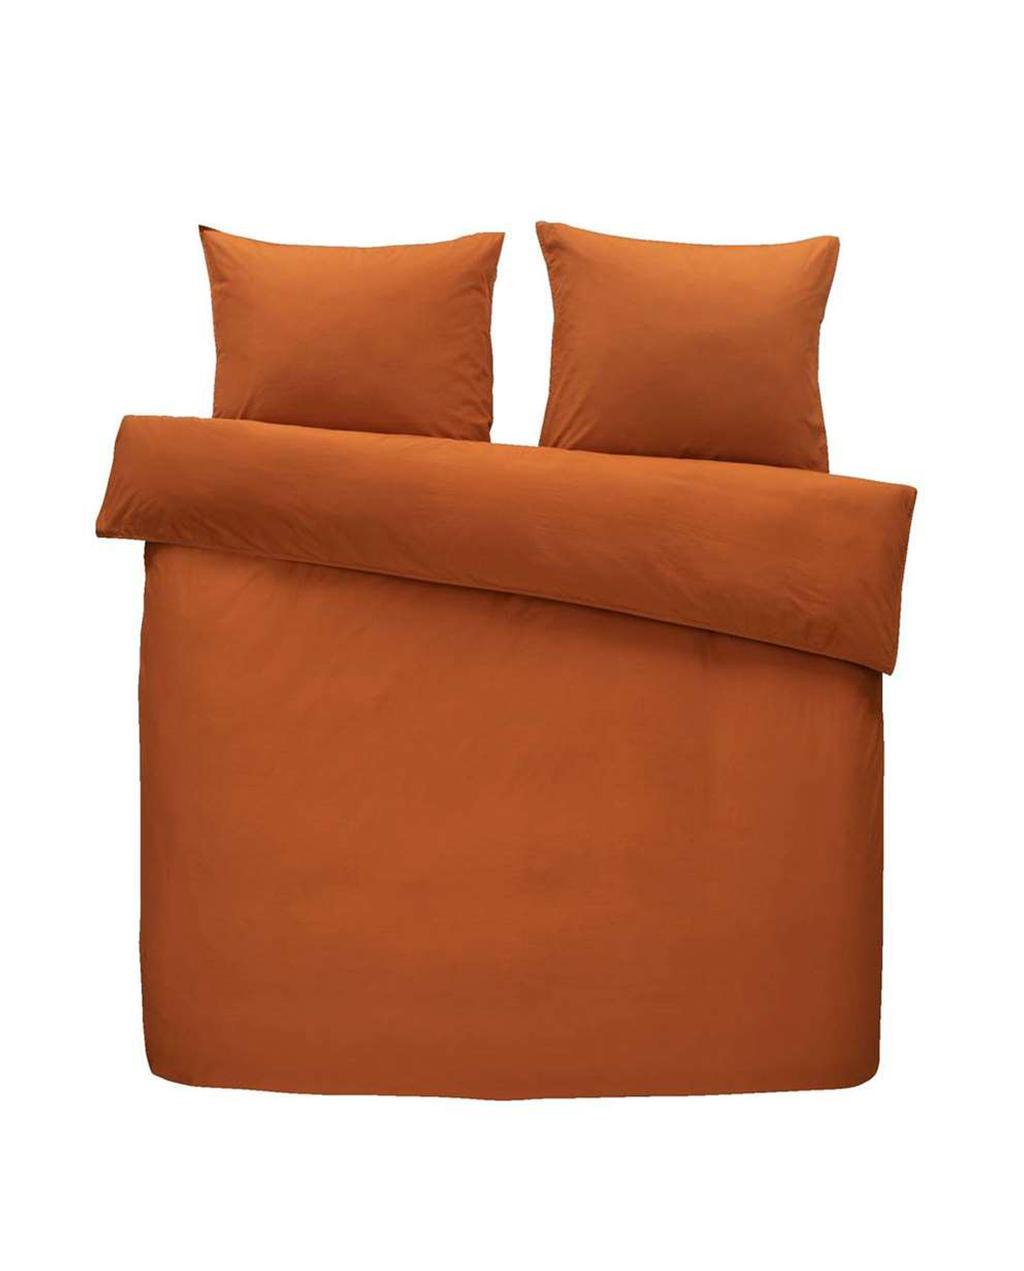 Dekbedovertrek oranje